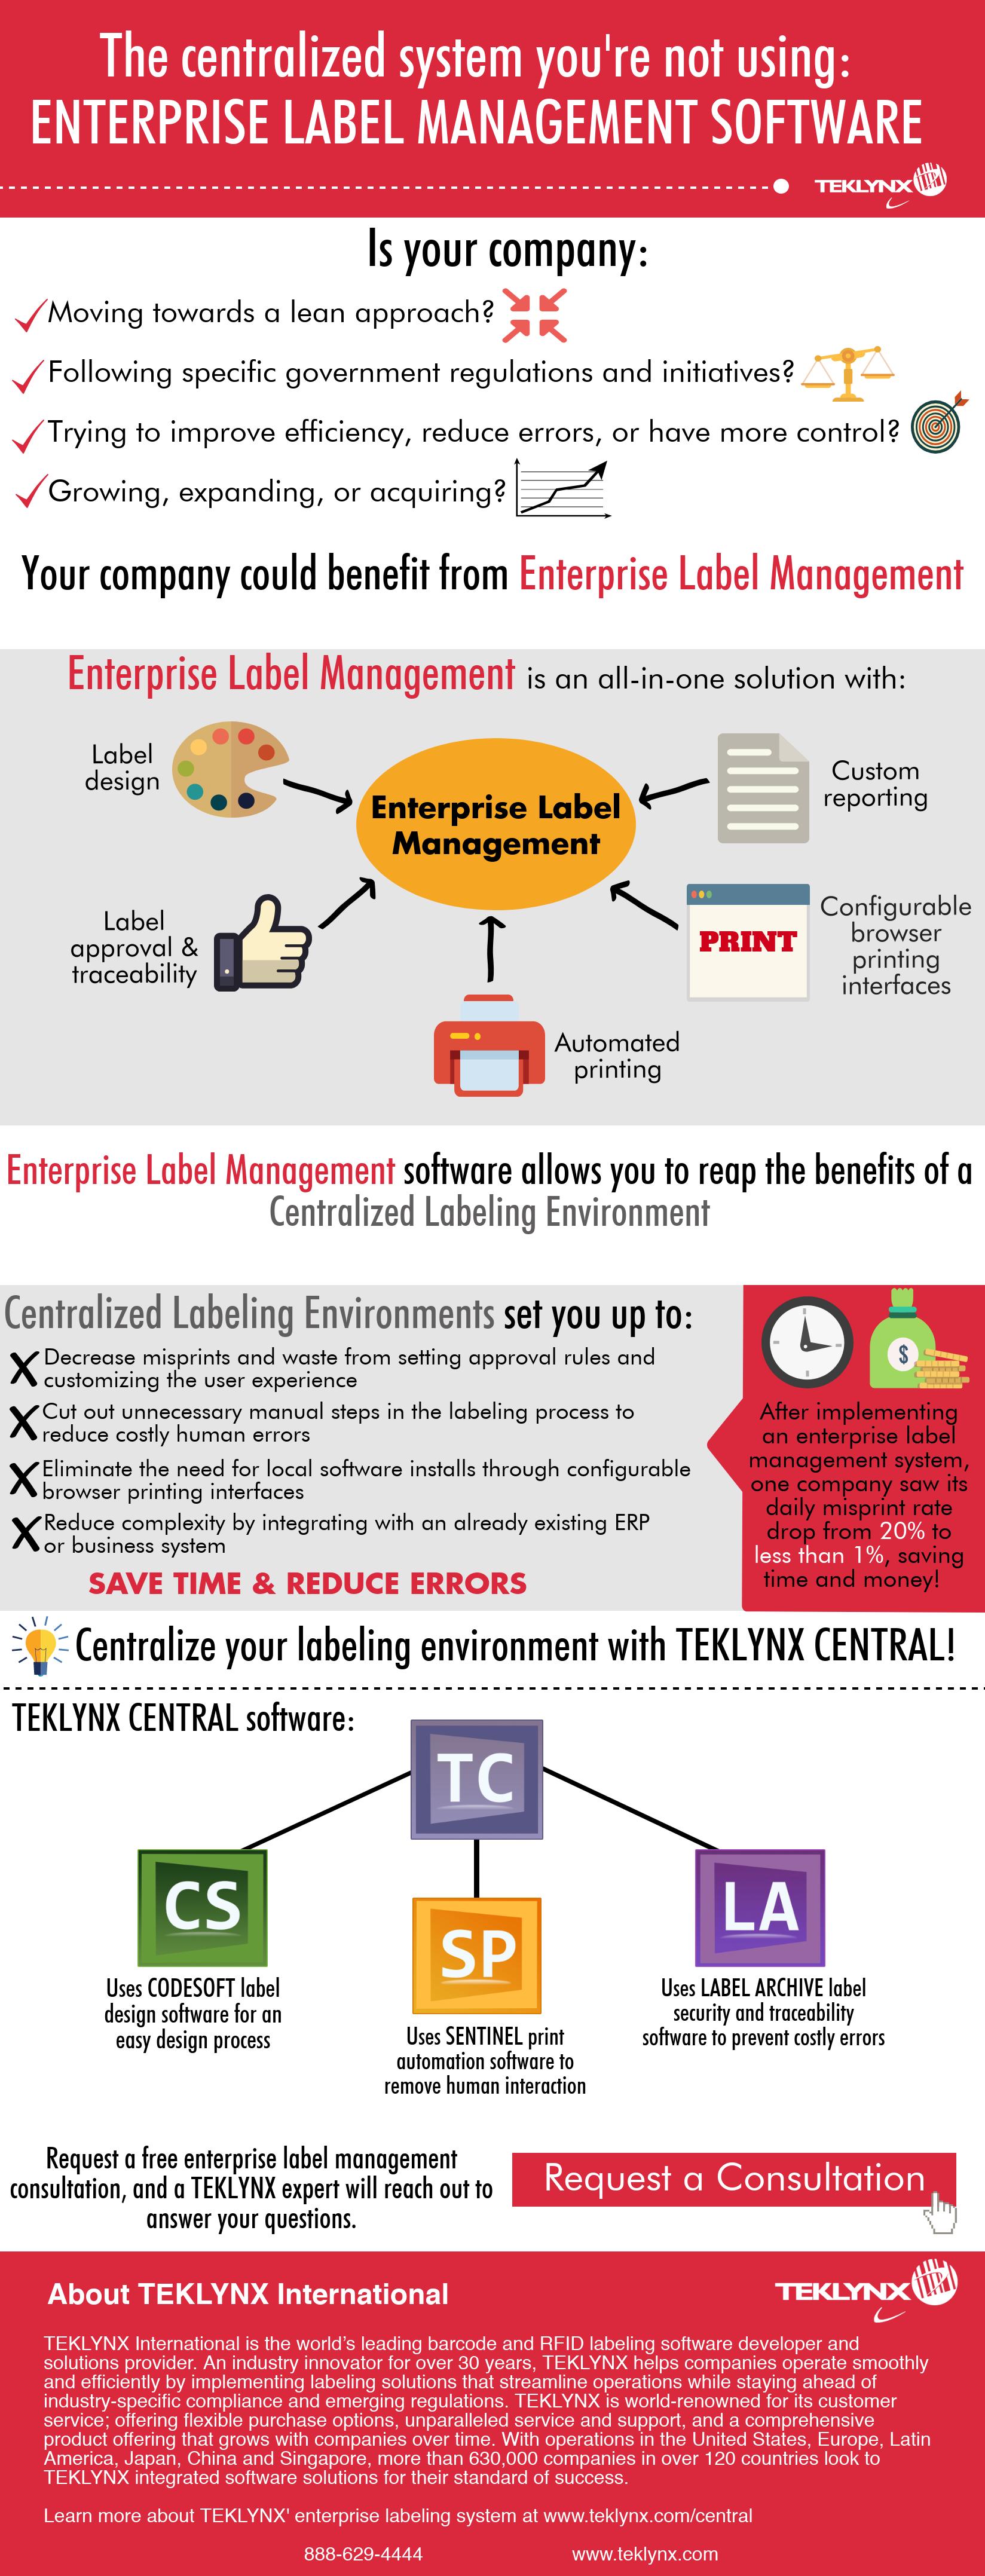 Hệ thống tập trung mà quý vị đang không sử dụng: Phần mềm quản lý nhãn mác cấp doanh nghiệp